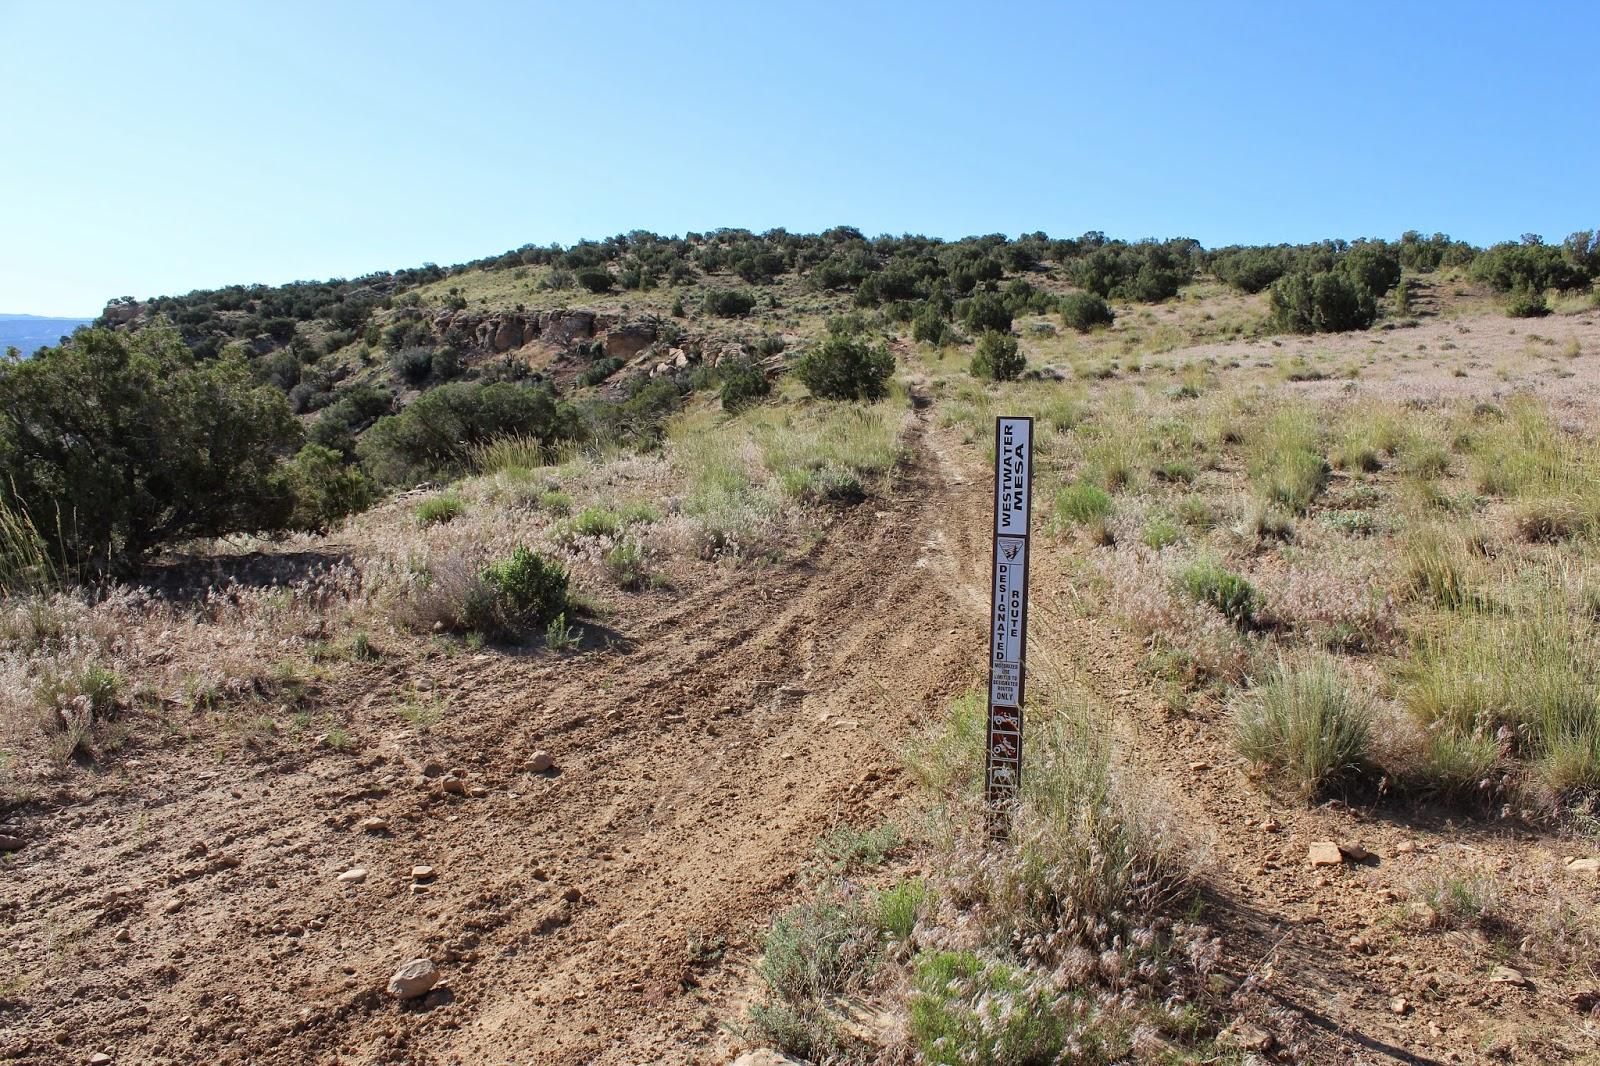 gjhikescom Westwater Mesa Loop